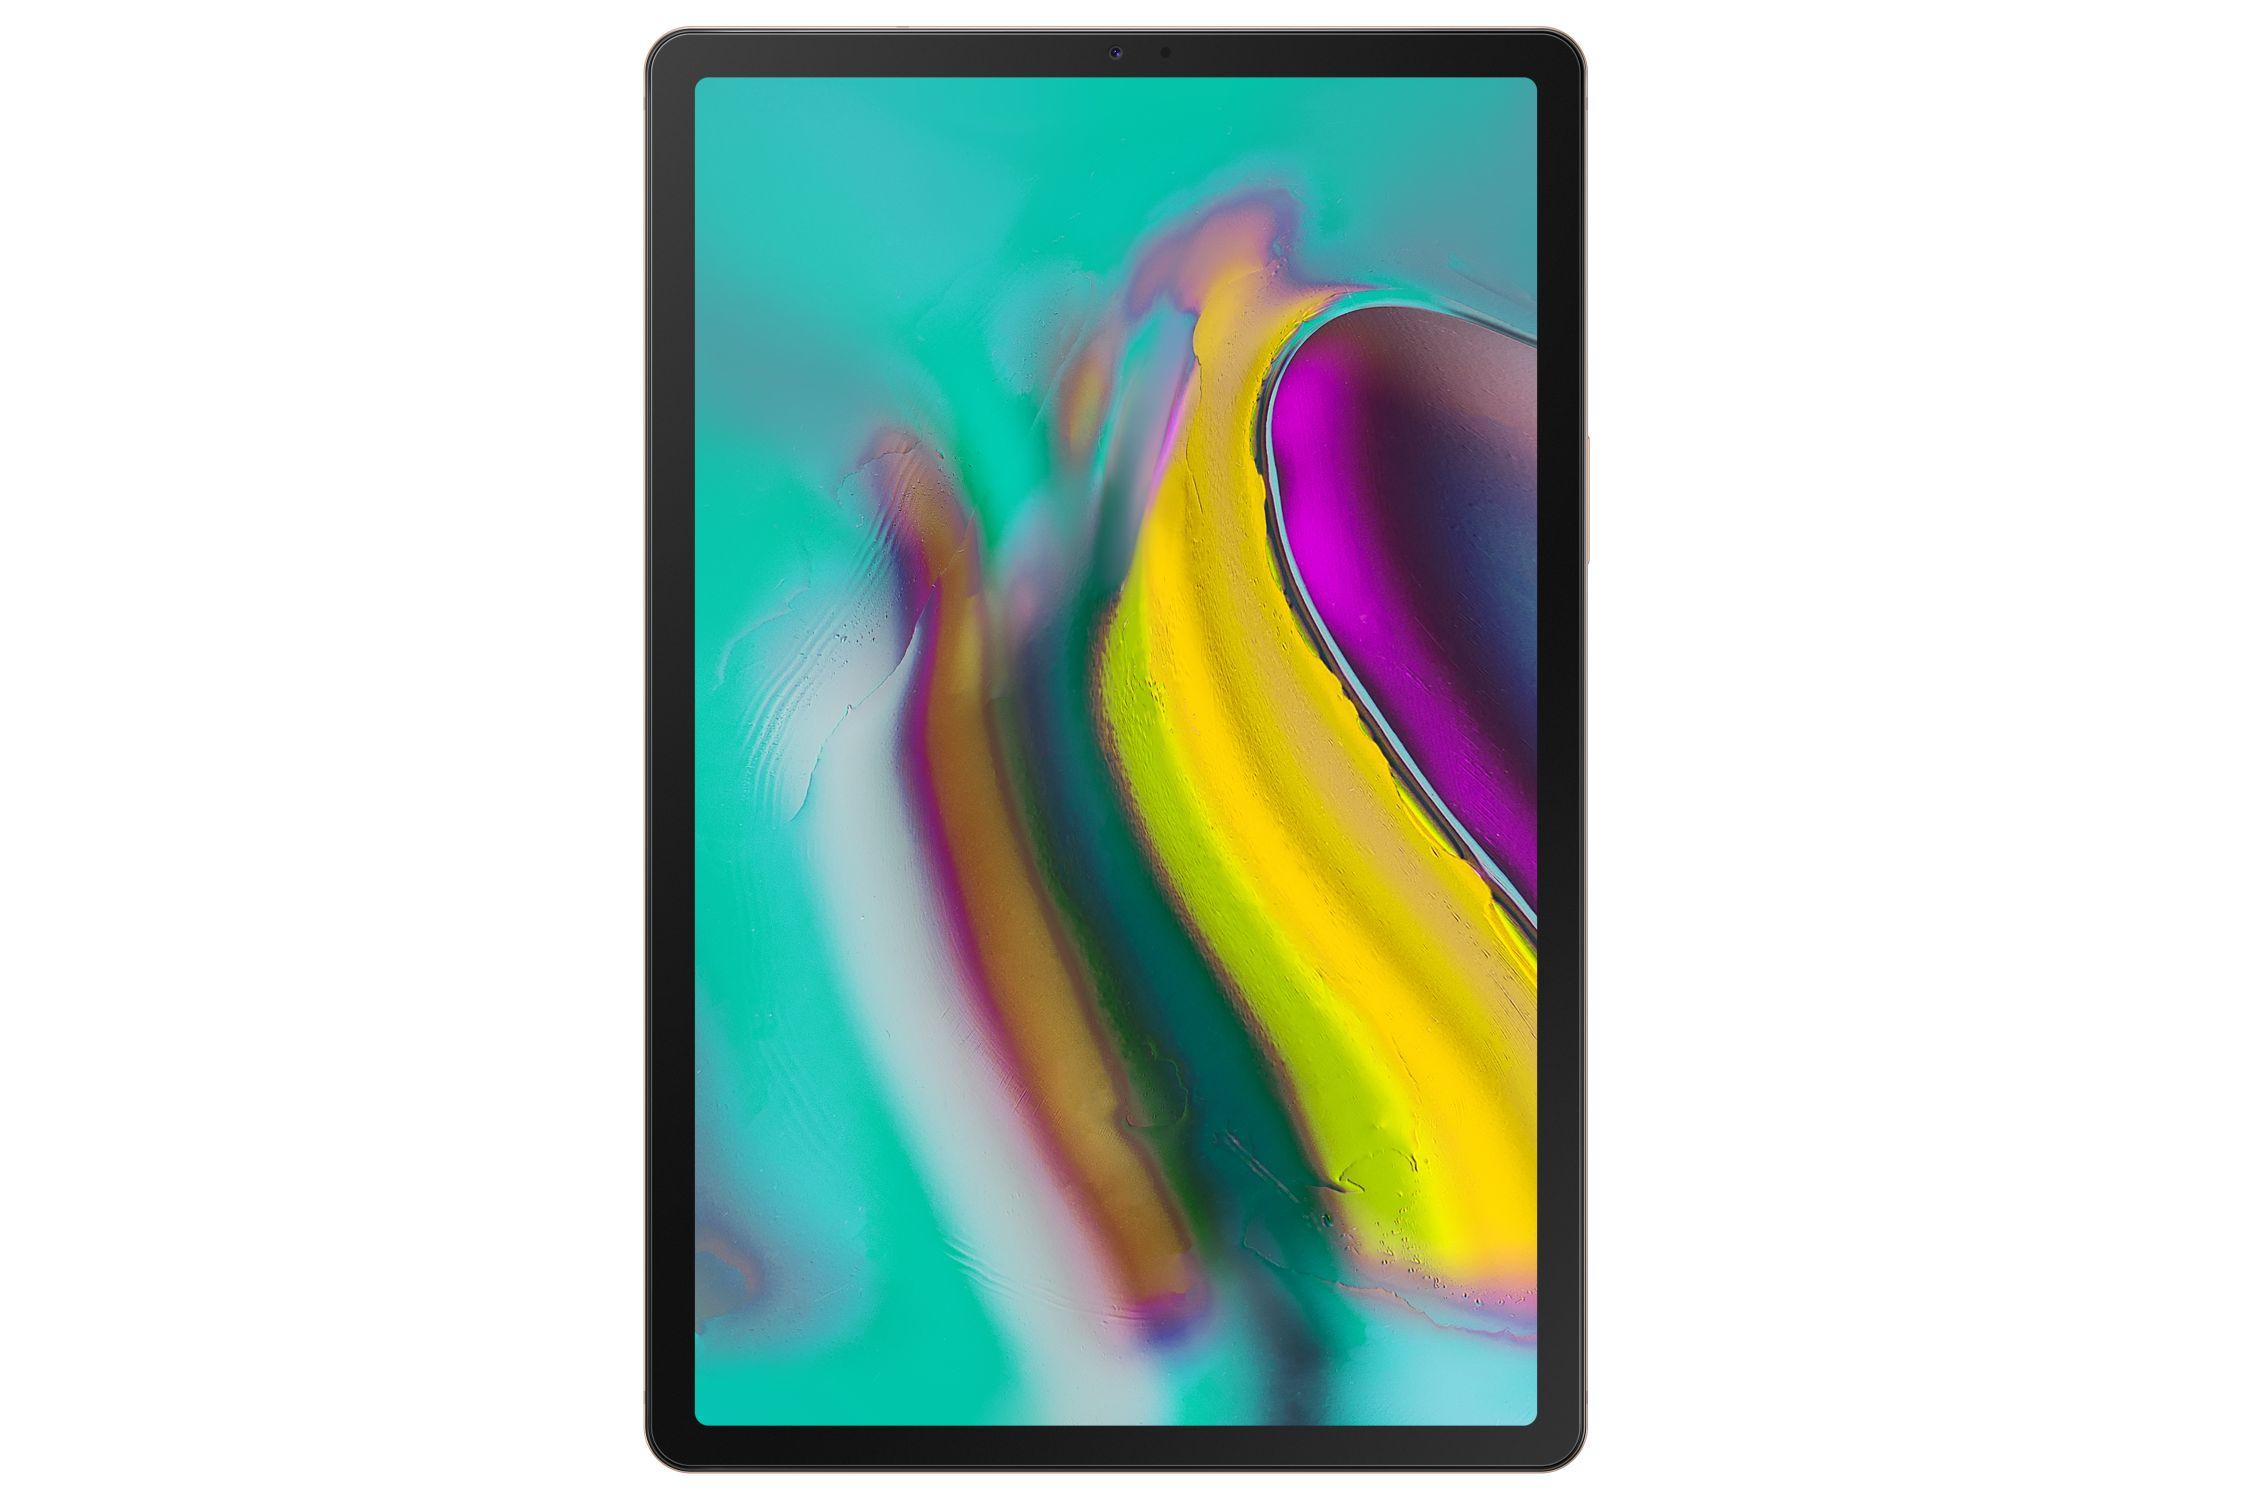 """[Vorbesteller ab 333€ WiFi / 367€ LTE] Samsung Galaxy Tab S5e (10,5"""" AMOLED 2560x1600, 4 / 64 GB, 7040 mAh)"""